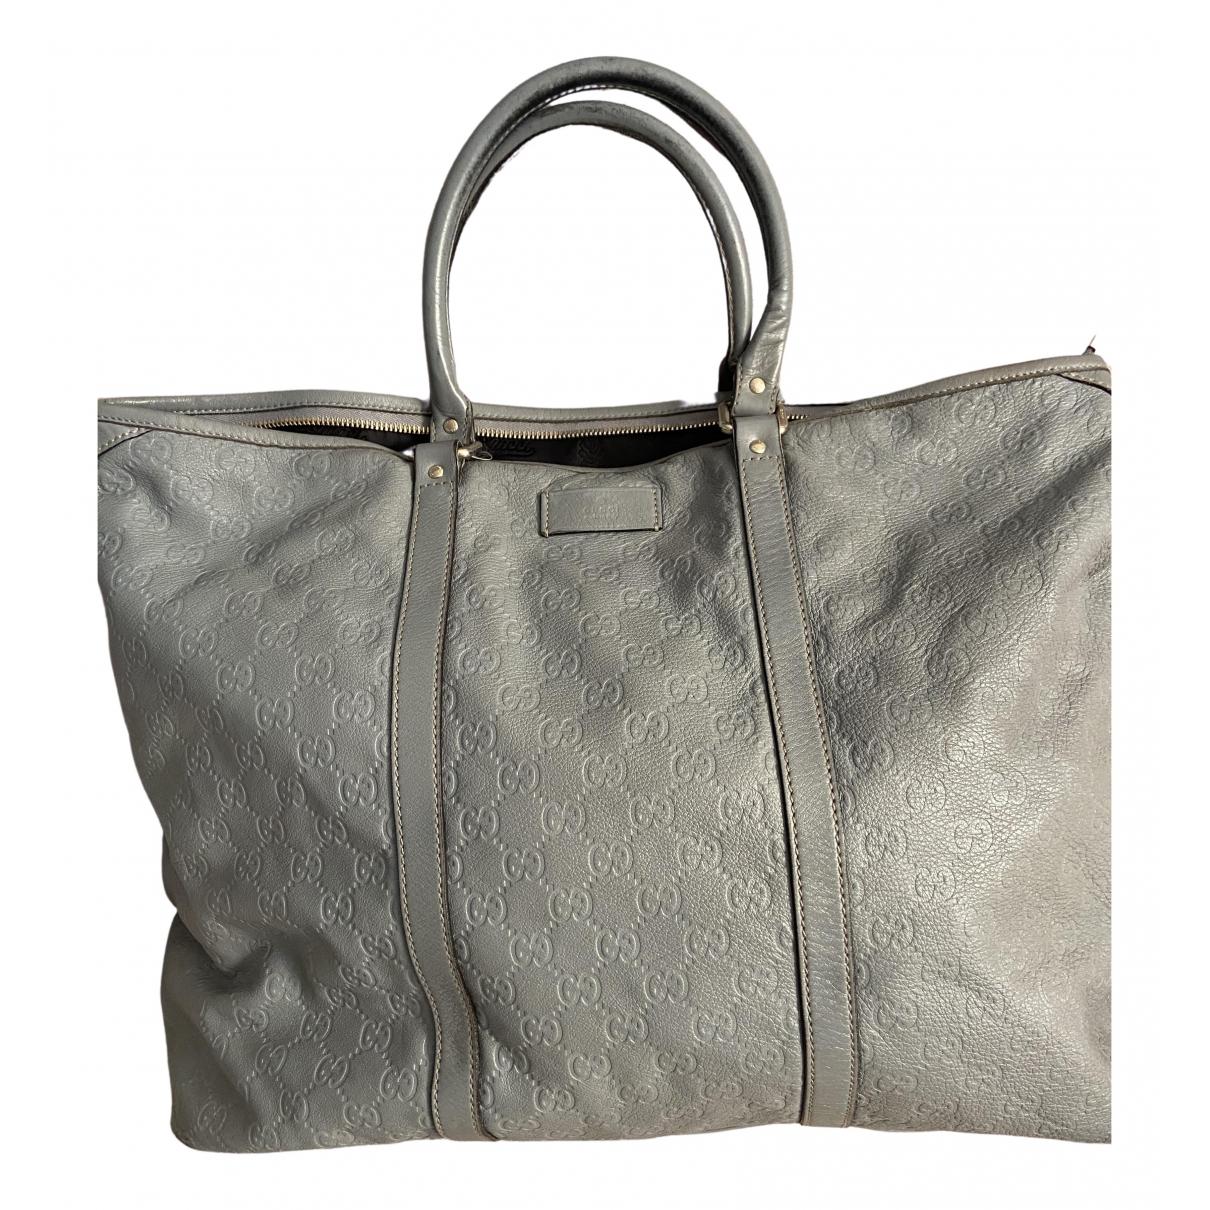 Gucci \N Grey Leather handbag for Women \N